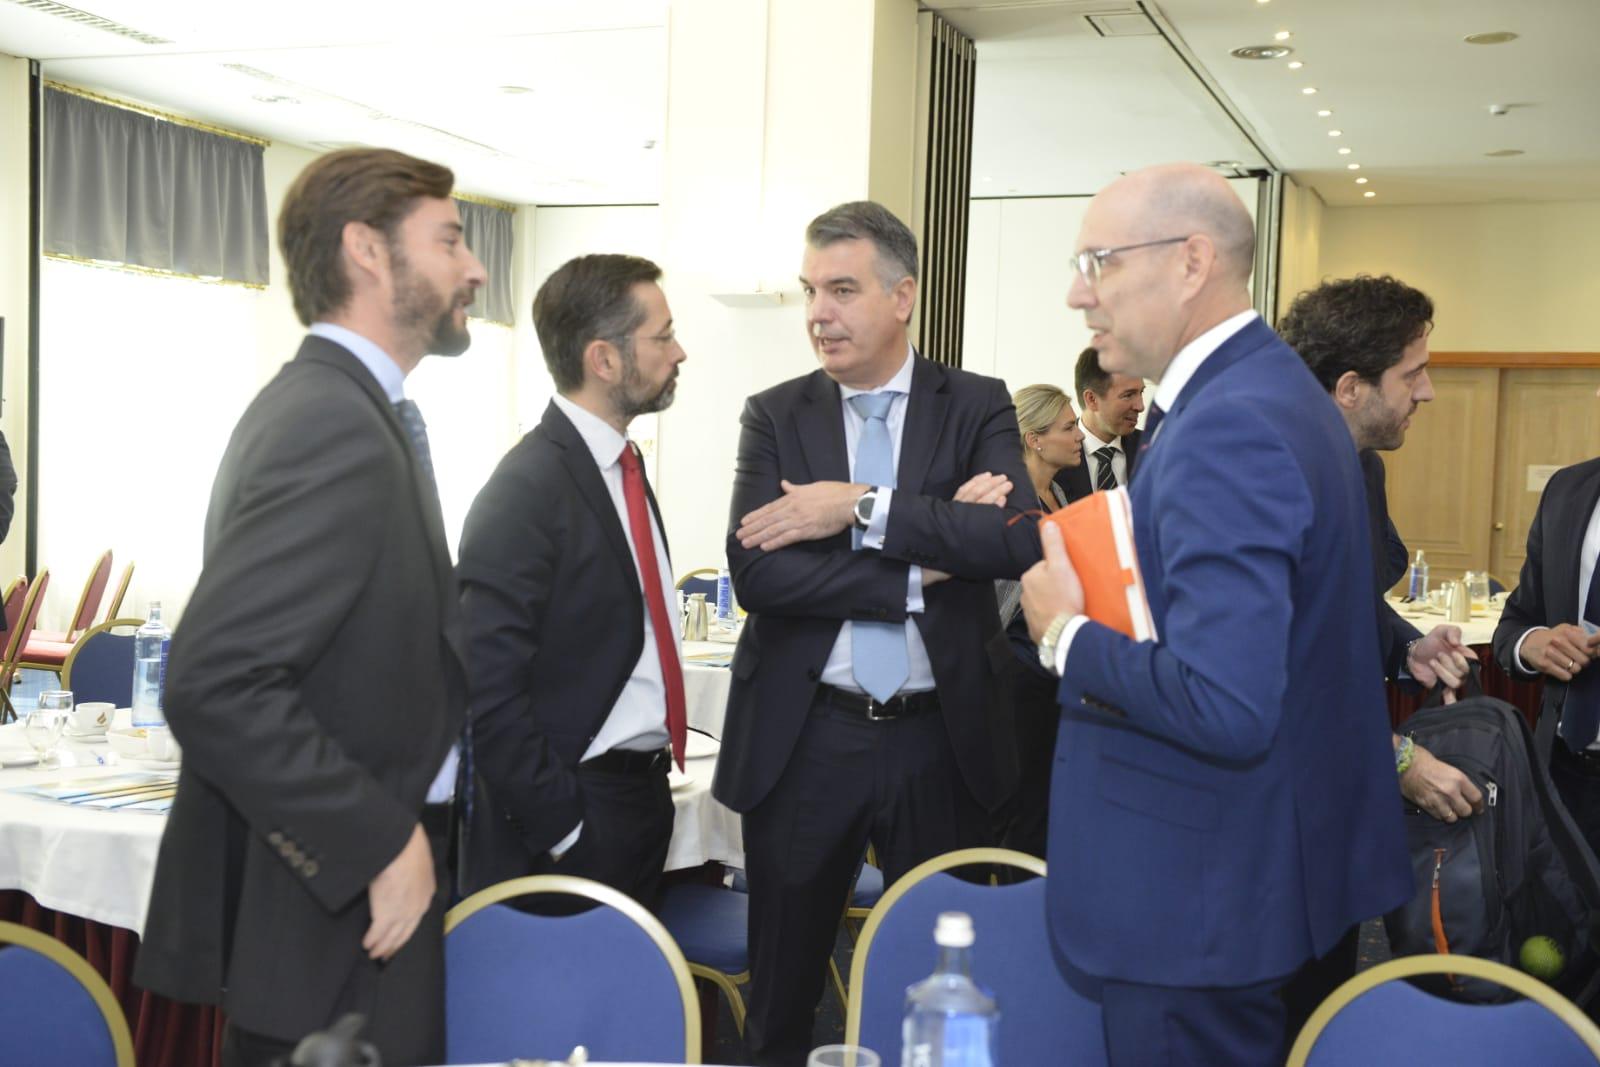 Empresarios asistentes charlan con Martín Tobalina